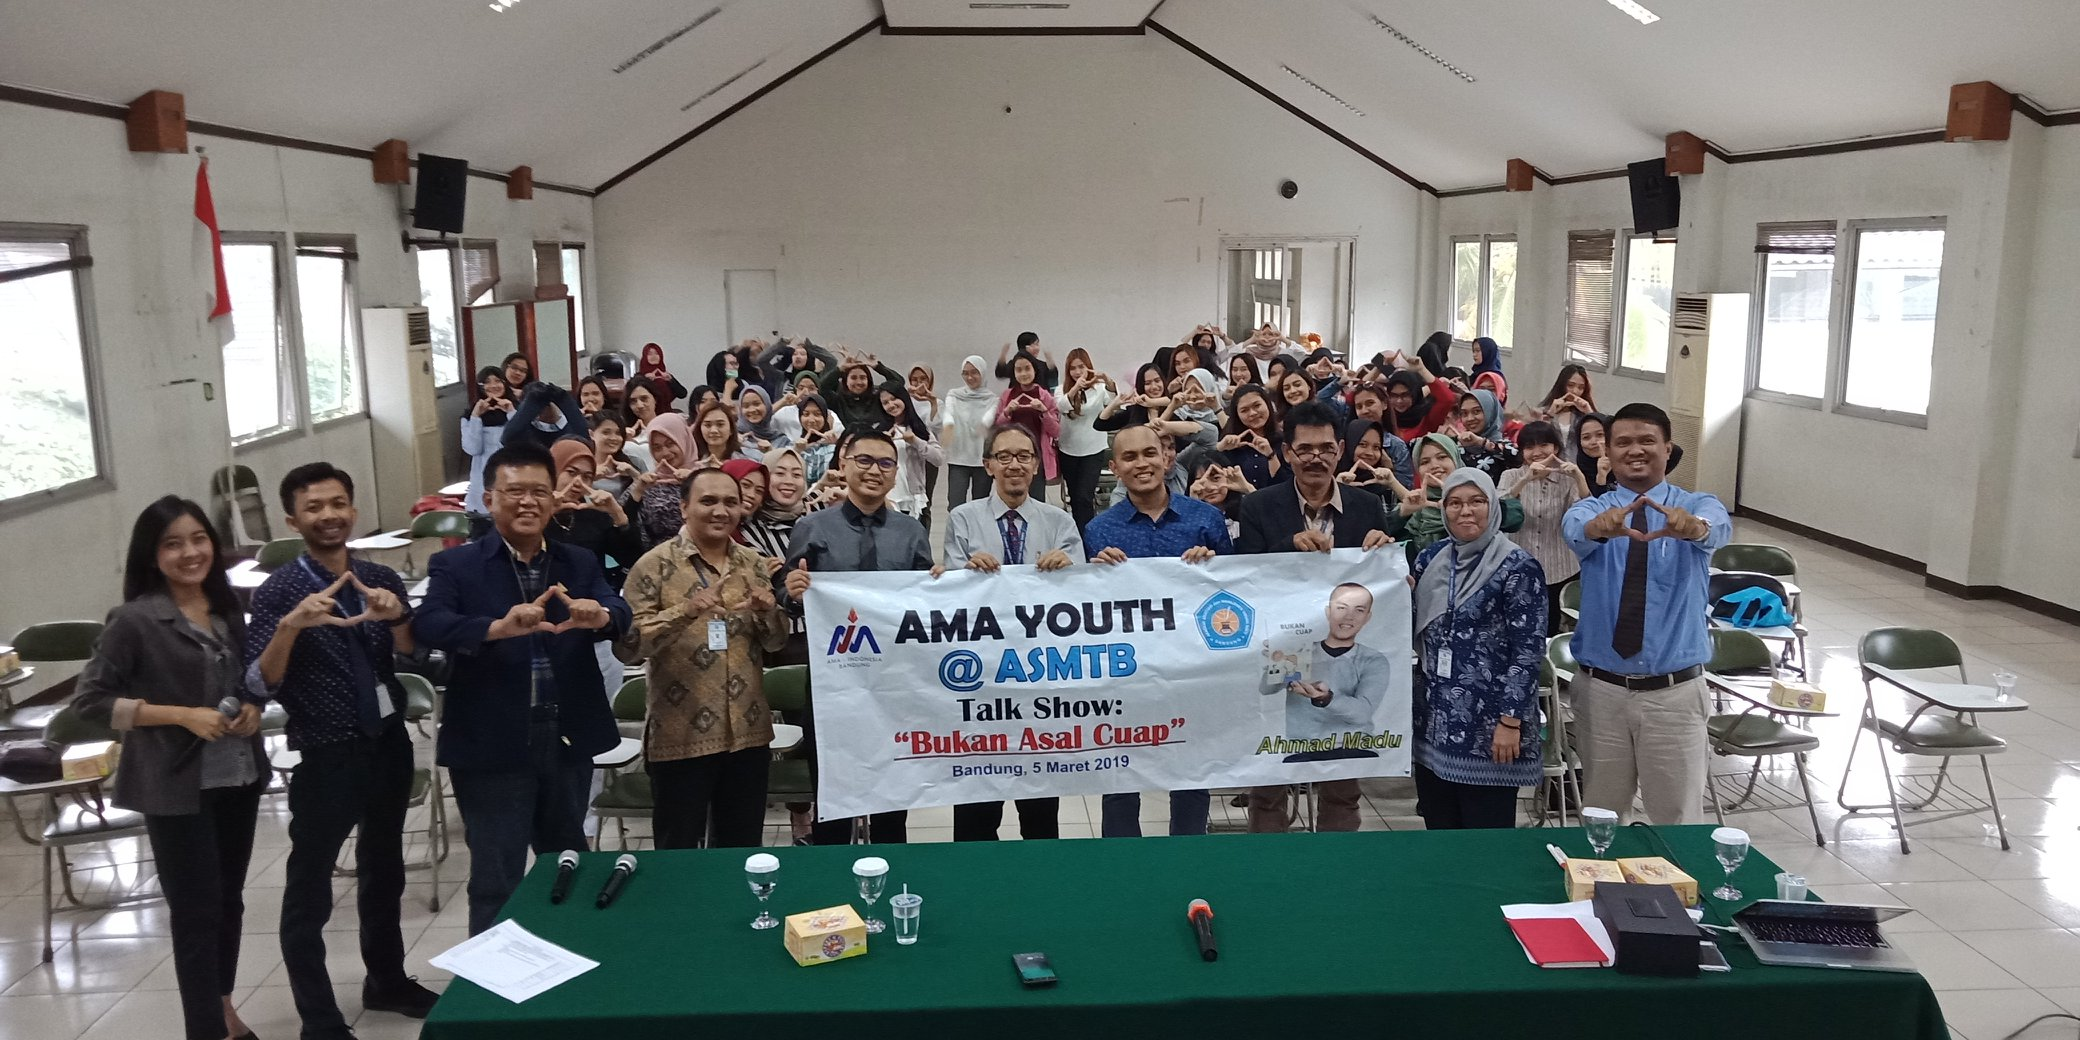 Dokumentasi Kegiatan AMA Youth  5 Maret 2019 di ASMTB